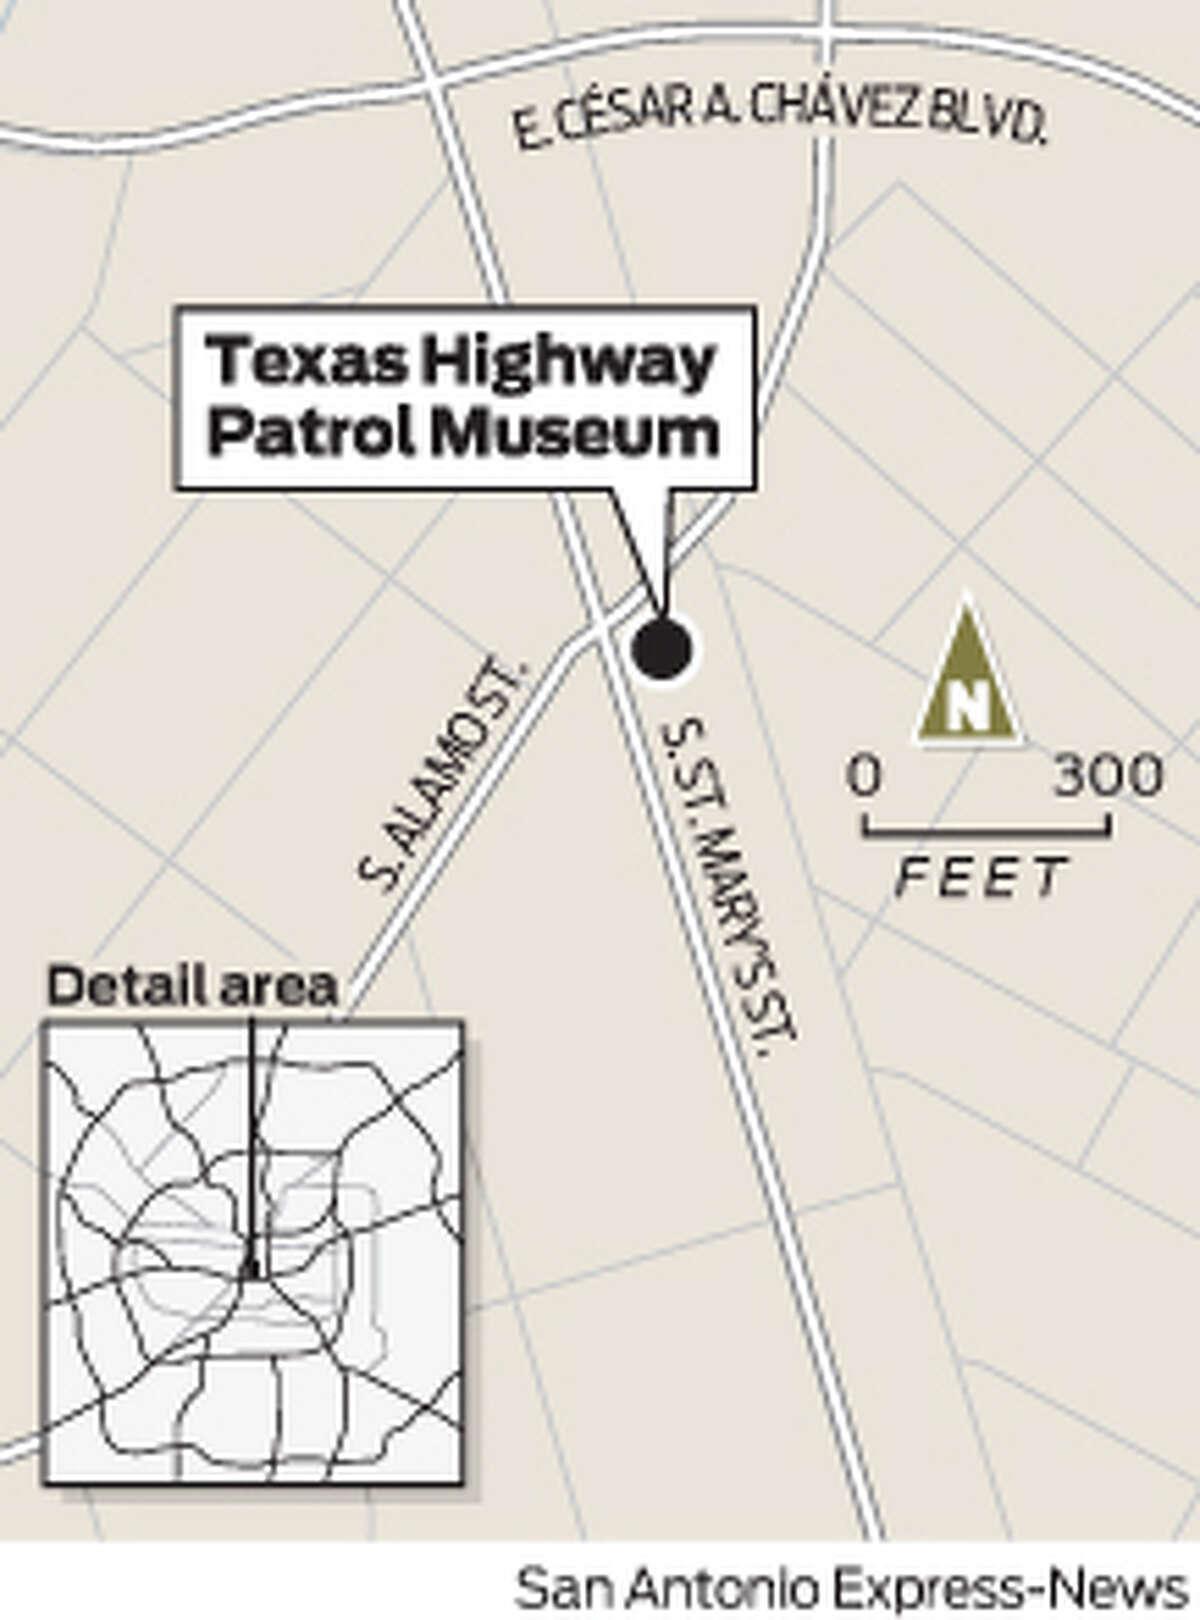 Texas Highway Patrol museum